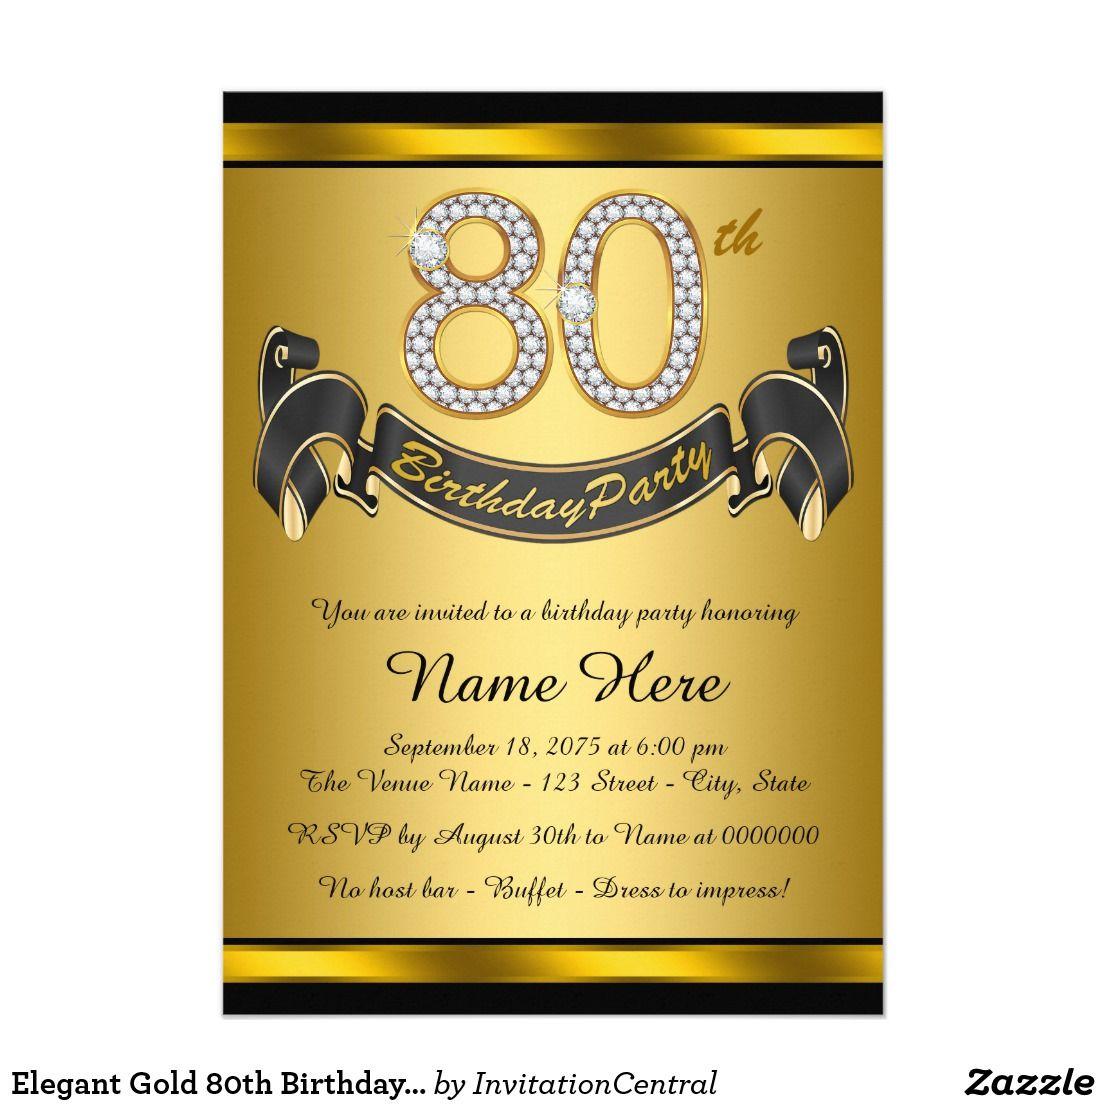 Elegant Gold 80th Birthday Party